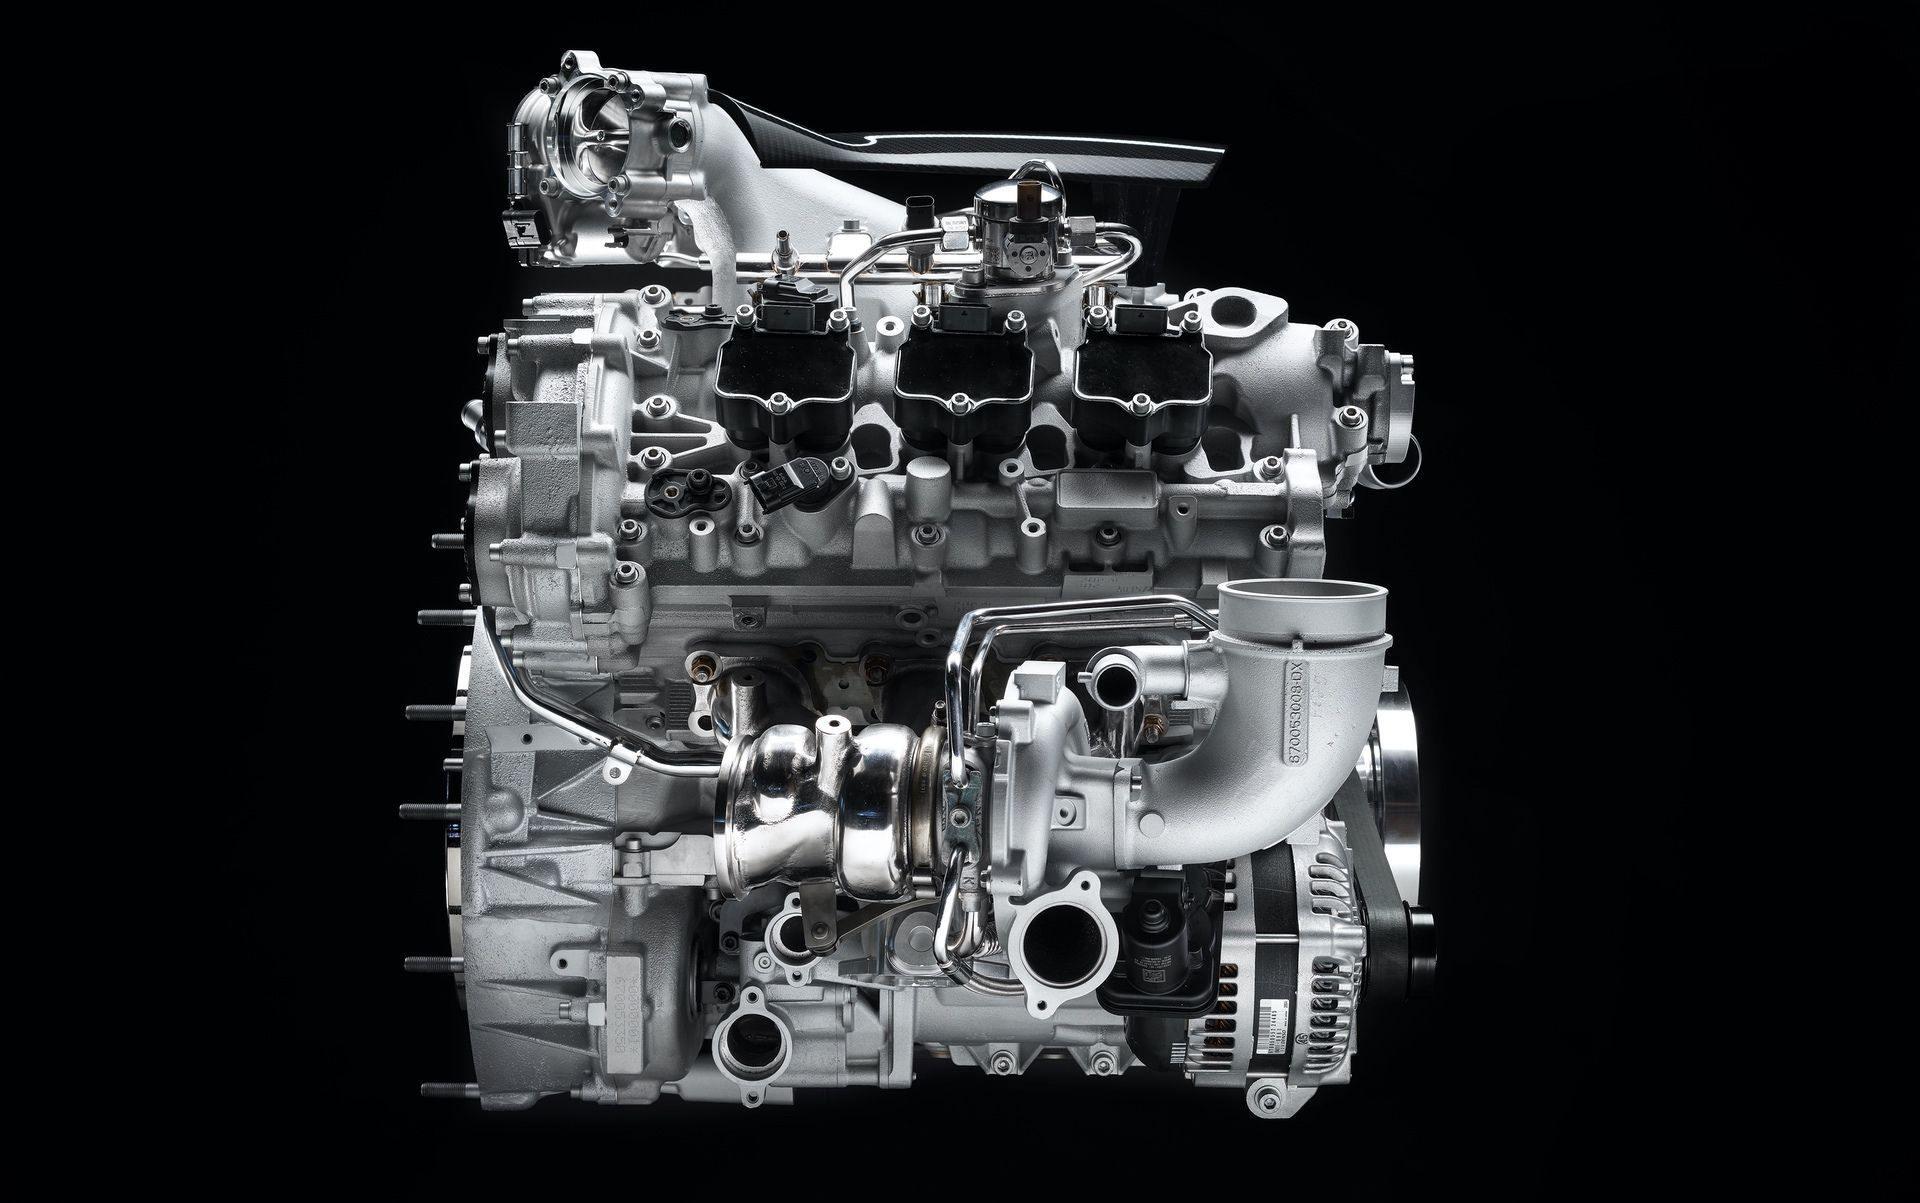 Maserati_Nettuno_engine_0001